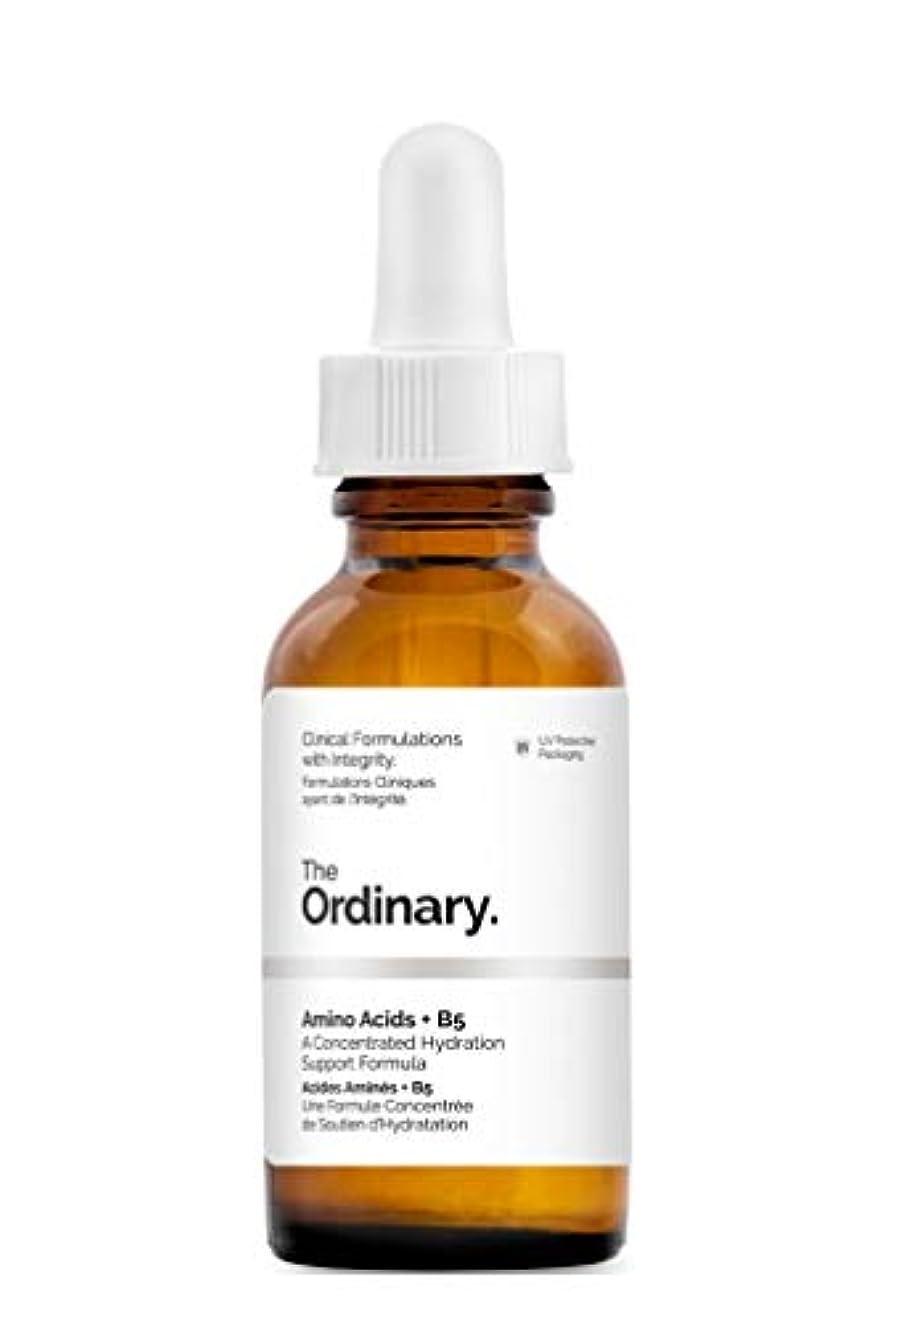 委員会広告するしてはいけませんThe Ordinary☆ジ オーディナリーAmino Acids+B5(アミノ酸 + B5)30ml [並行輸入品]